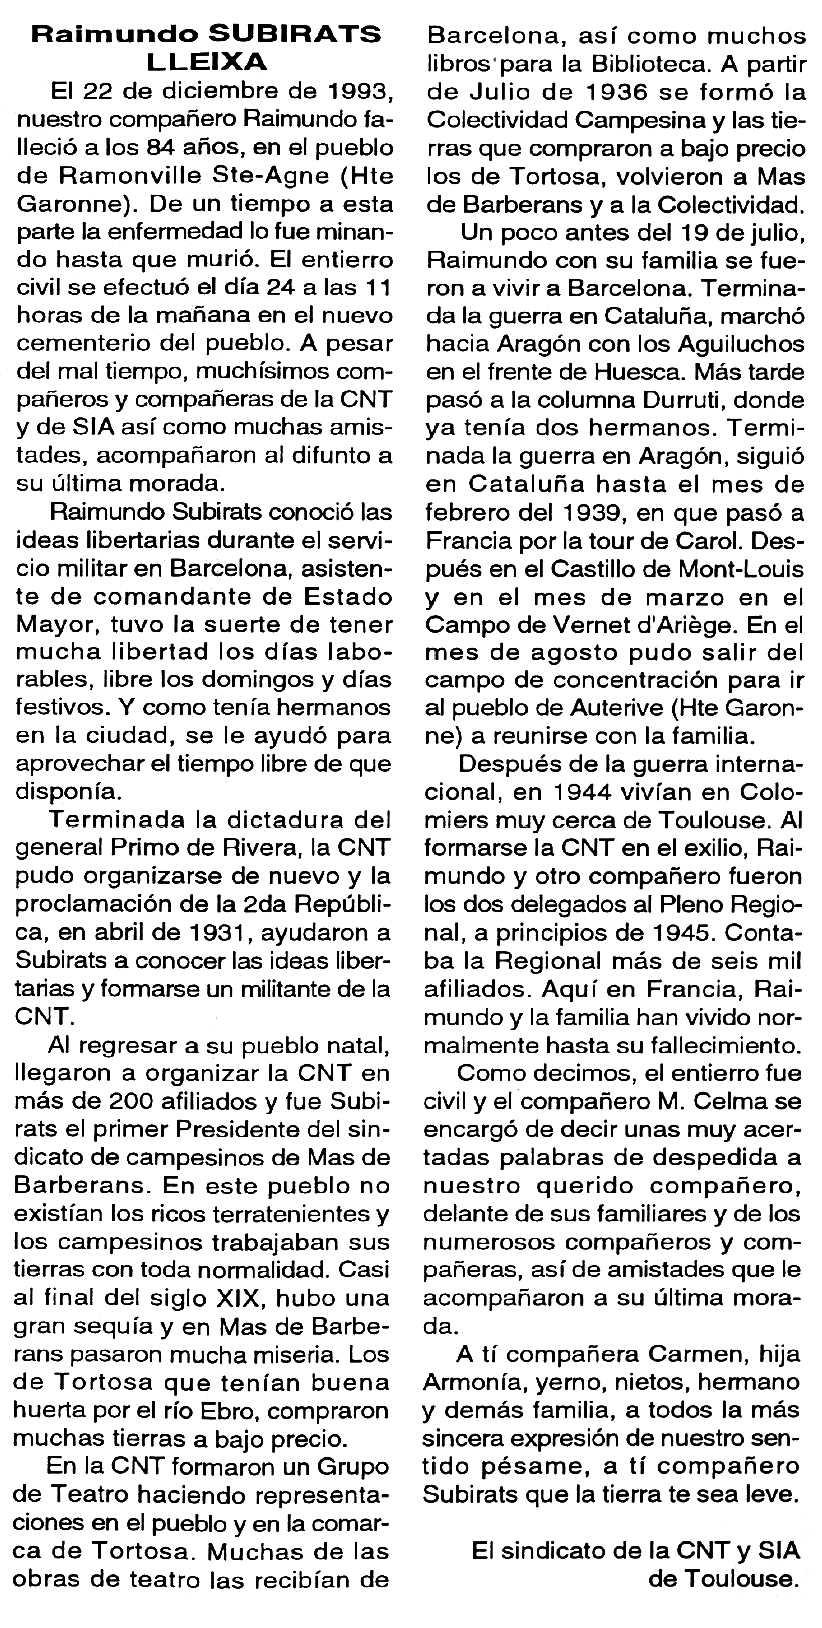 """Necrològica Raimon Subirats Lleixa apareguda en el periòdic tolosà """"Cenit"""" del 8 de març de 1994"""